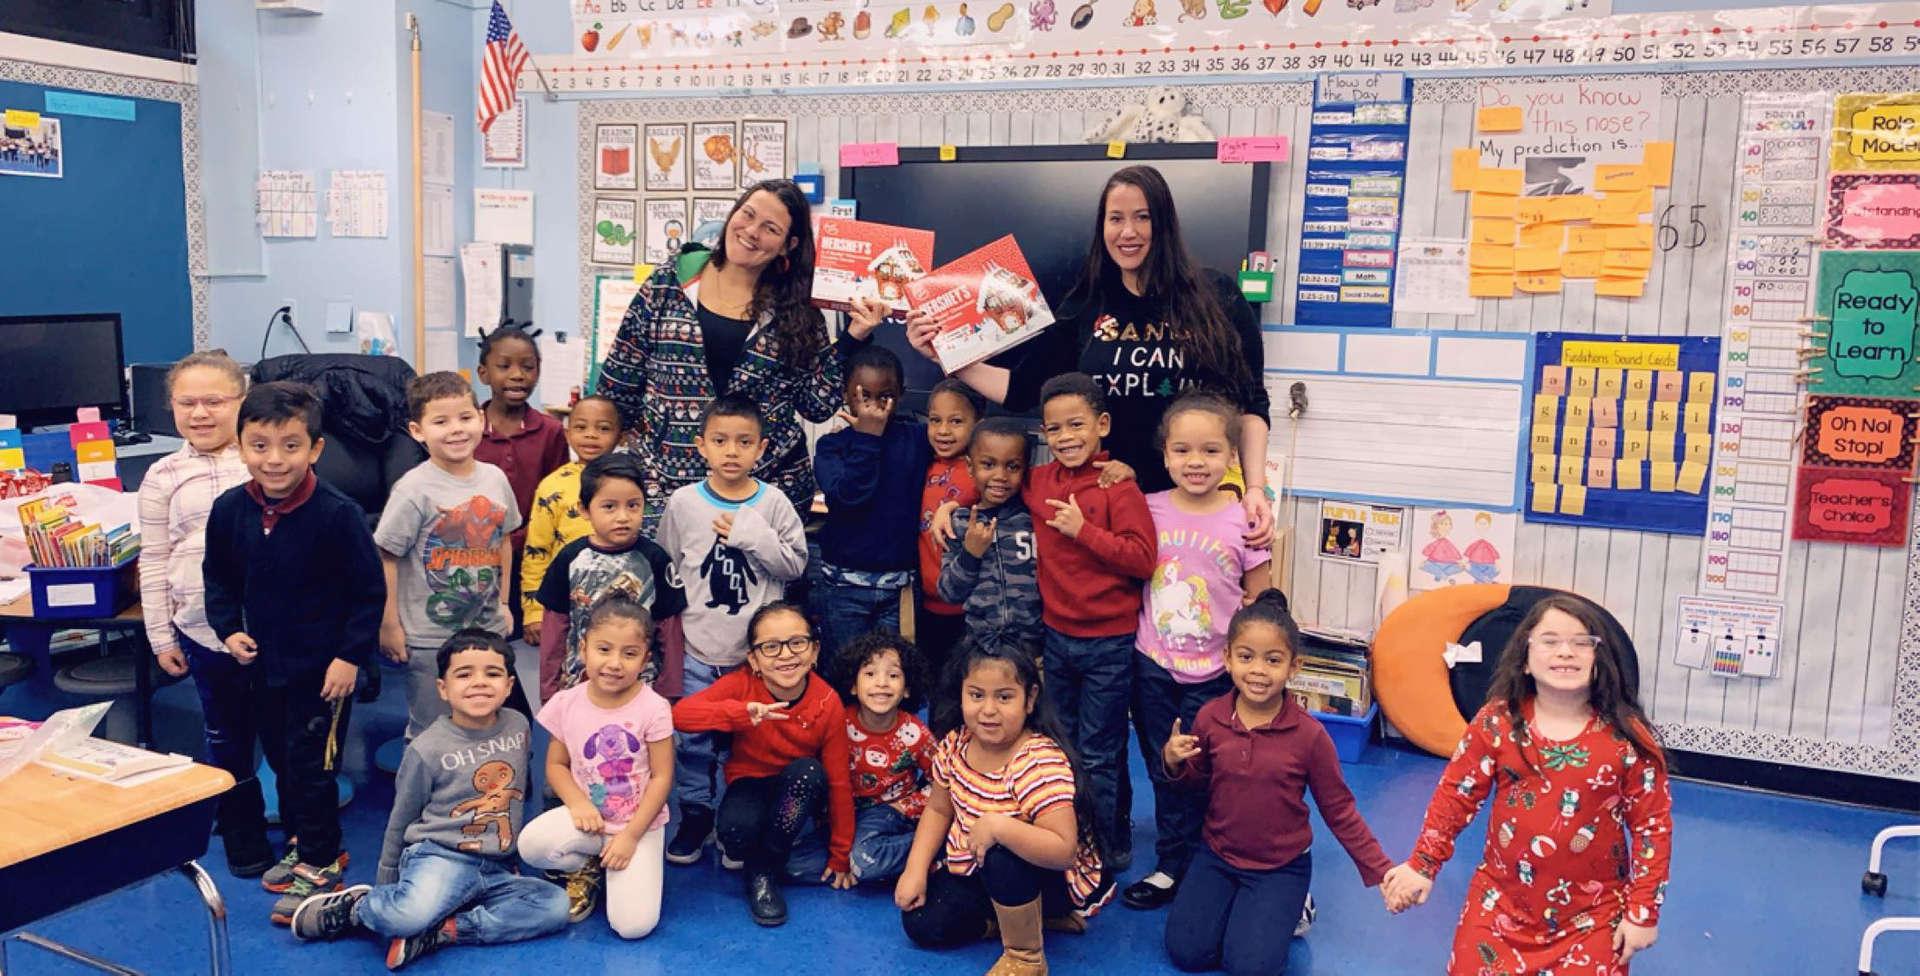 Ms. gribbins and Ms. Kajatazi with a kindergarten class.